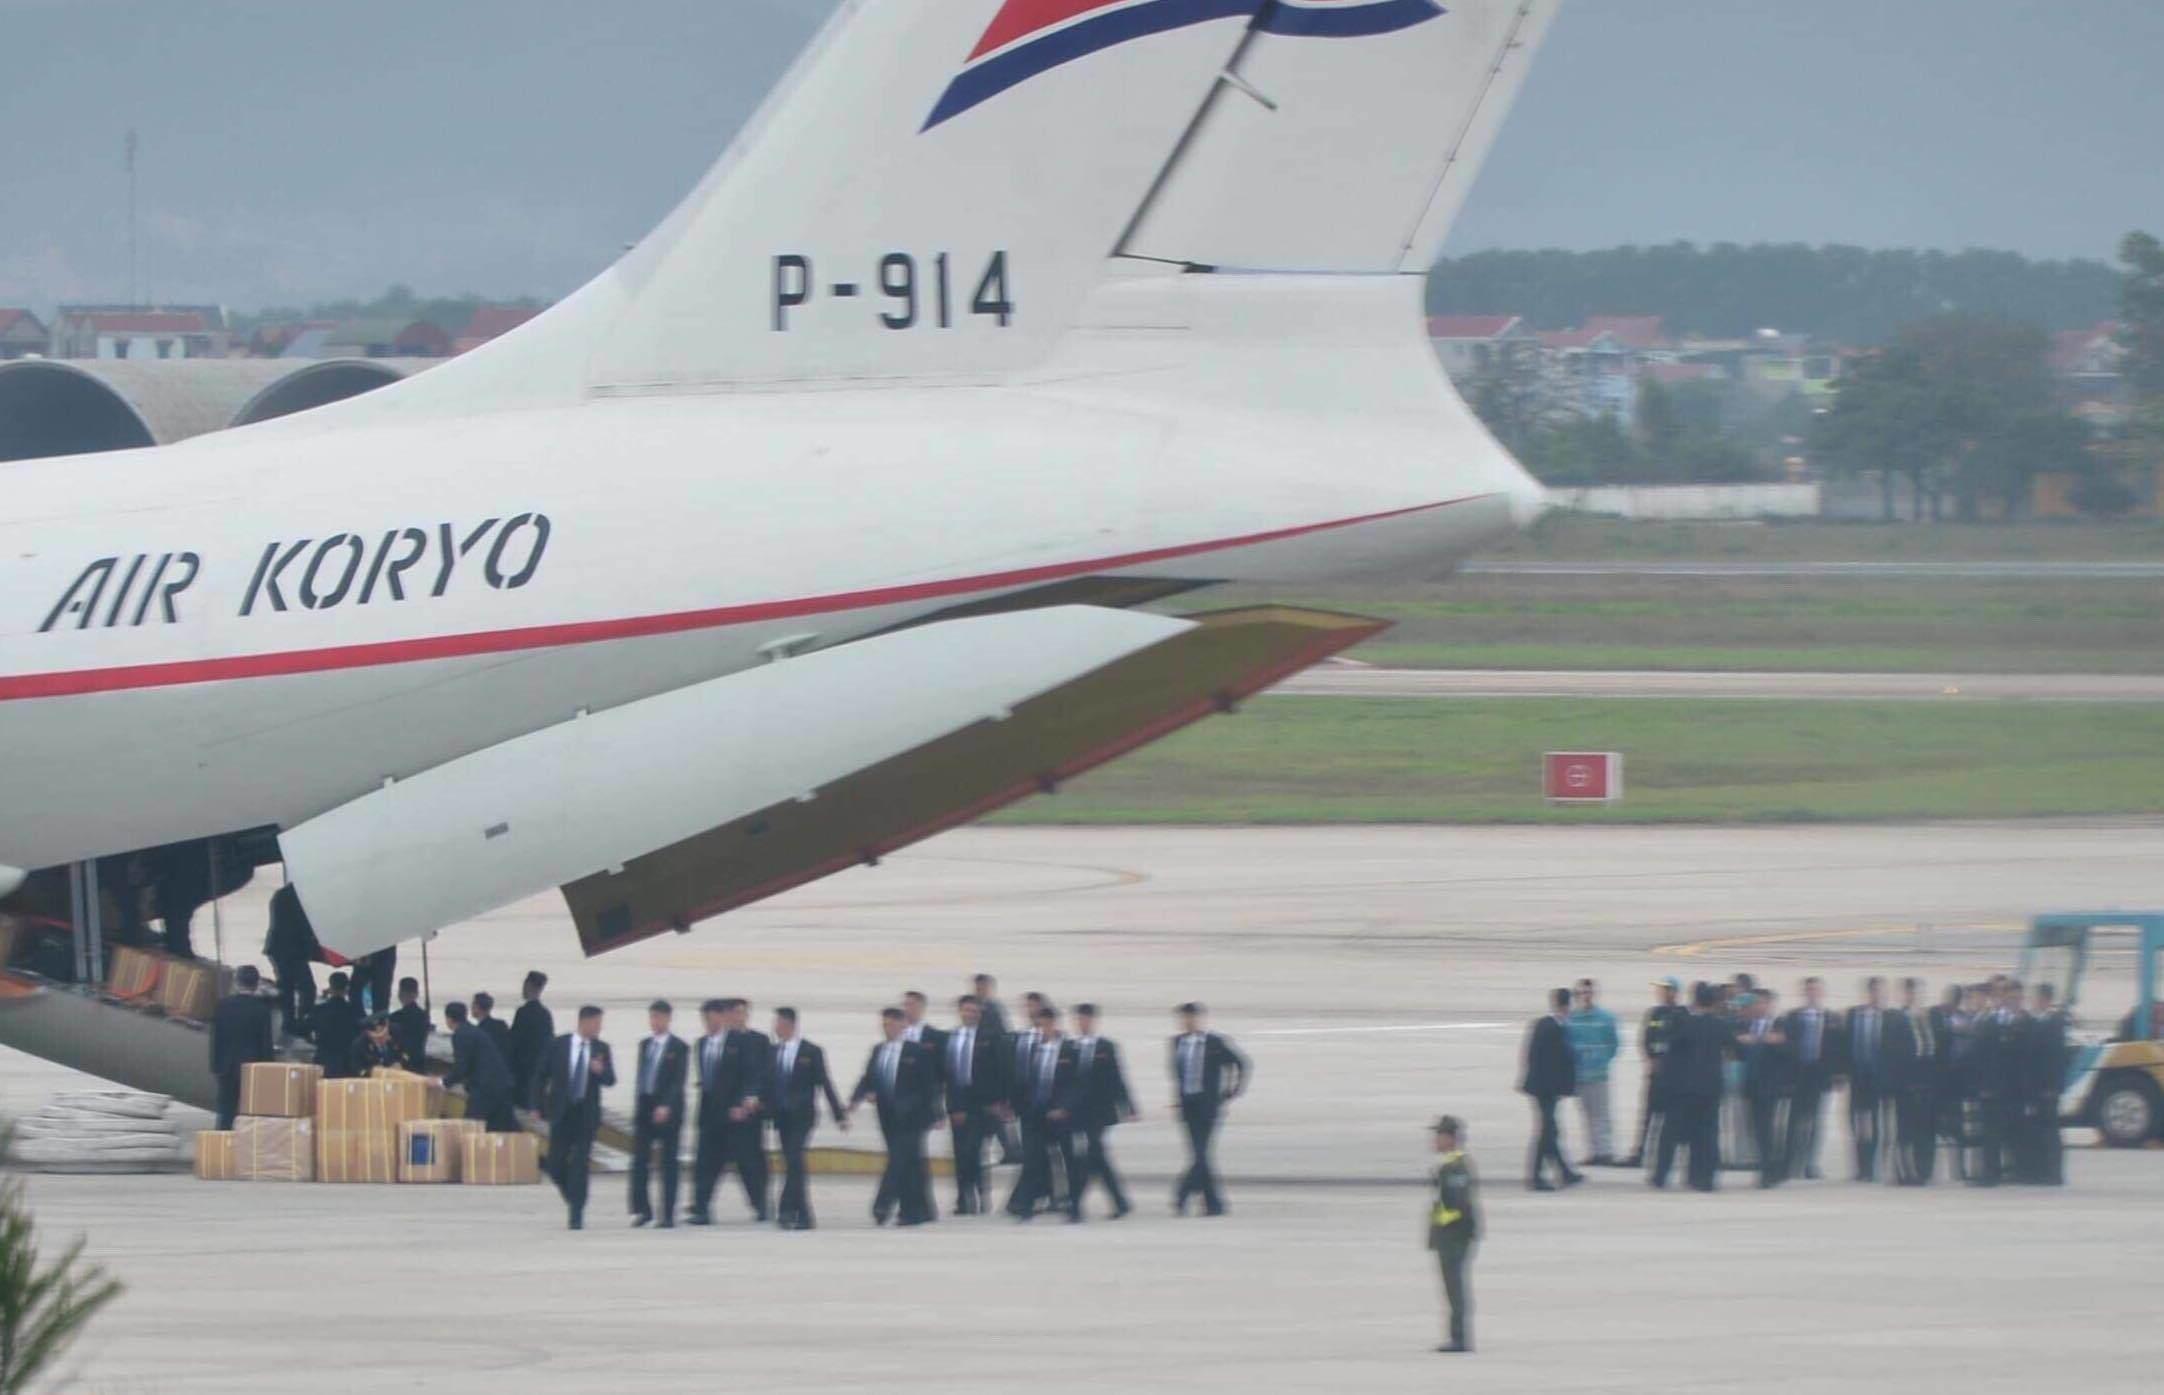 Cả trăm mật vụ tinh nhuệ của ông Kim Jong-un đổ bộ xuống Nội Bài 1